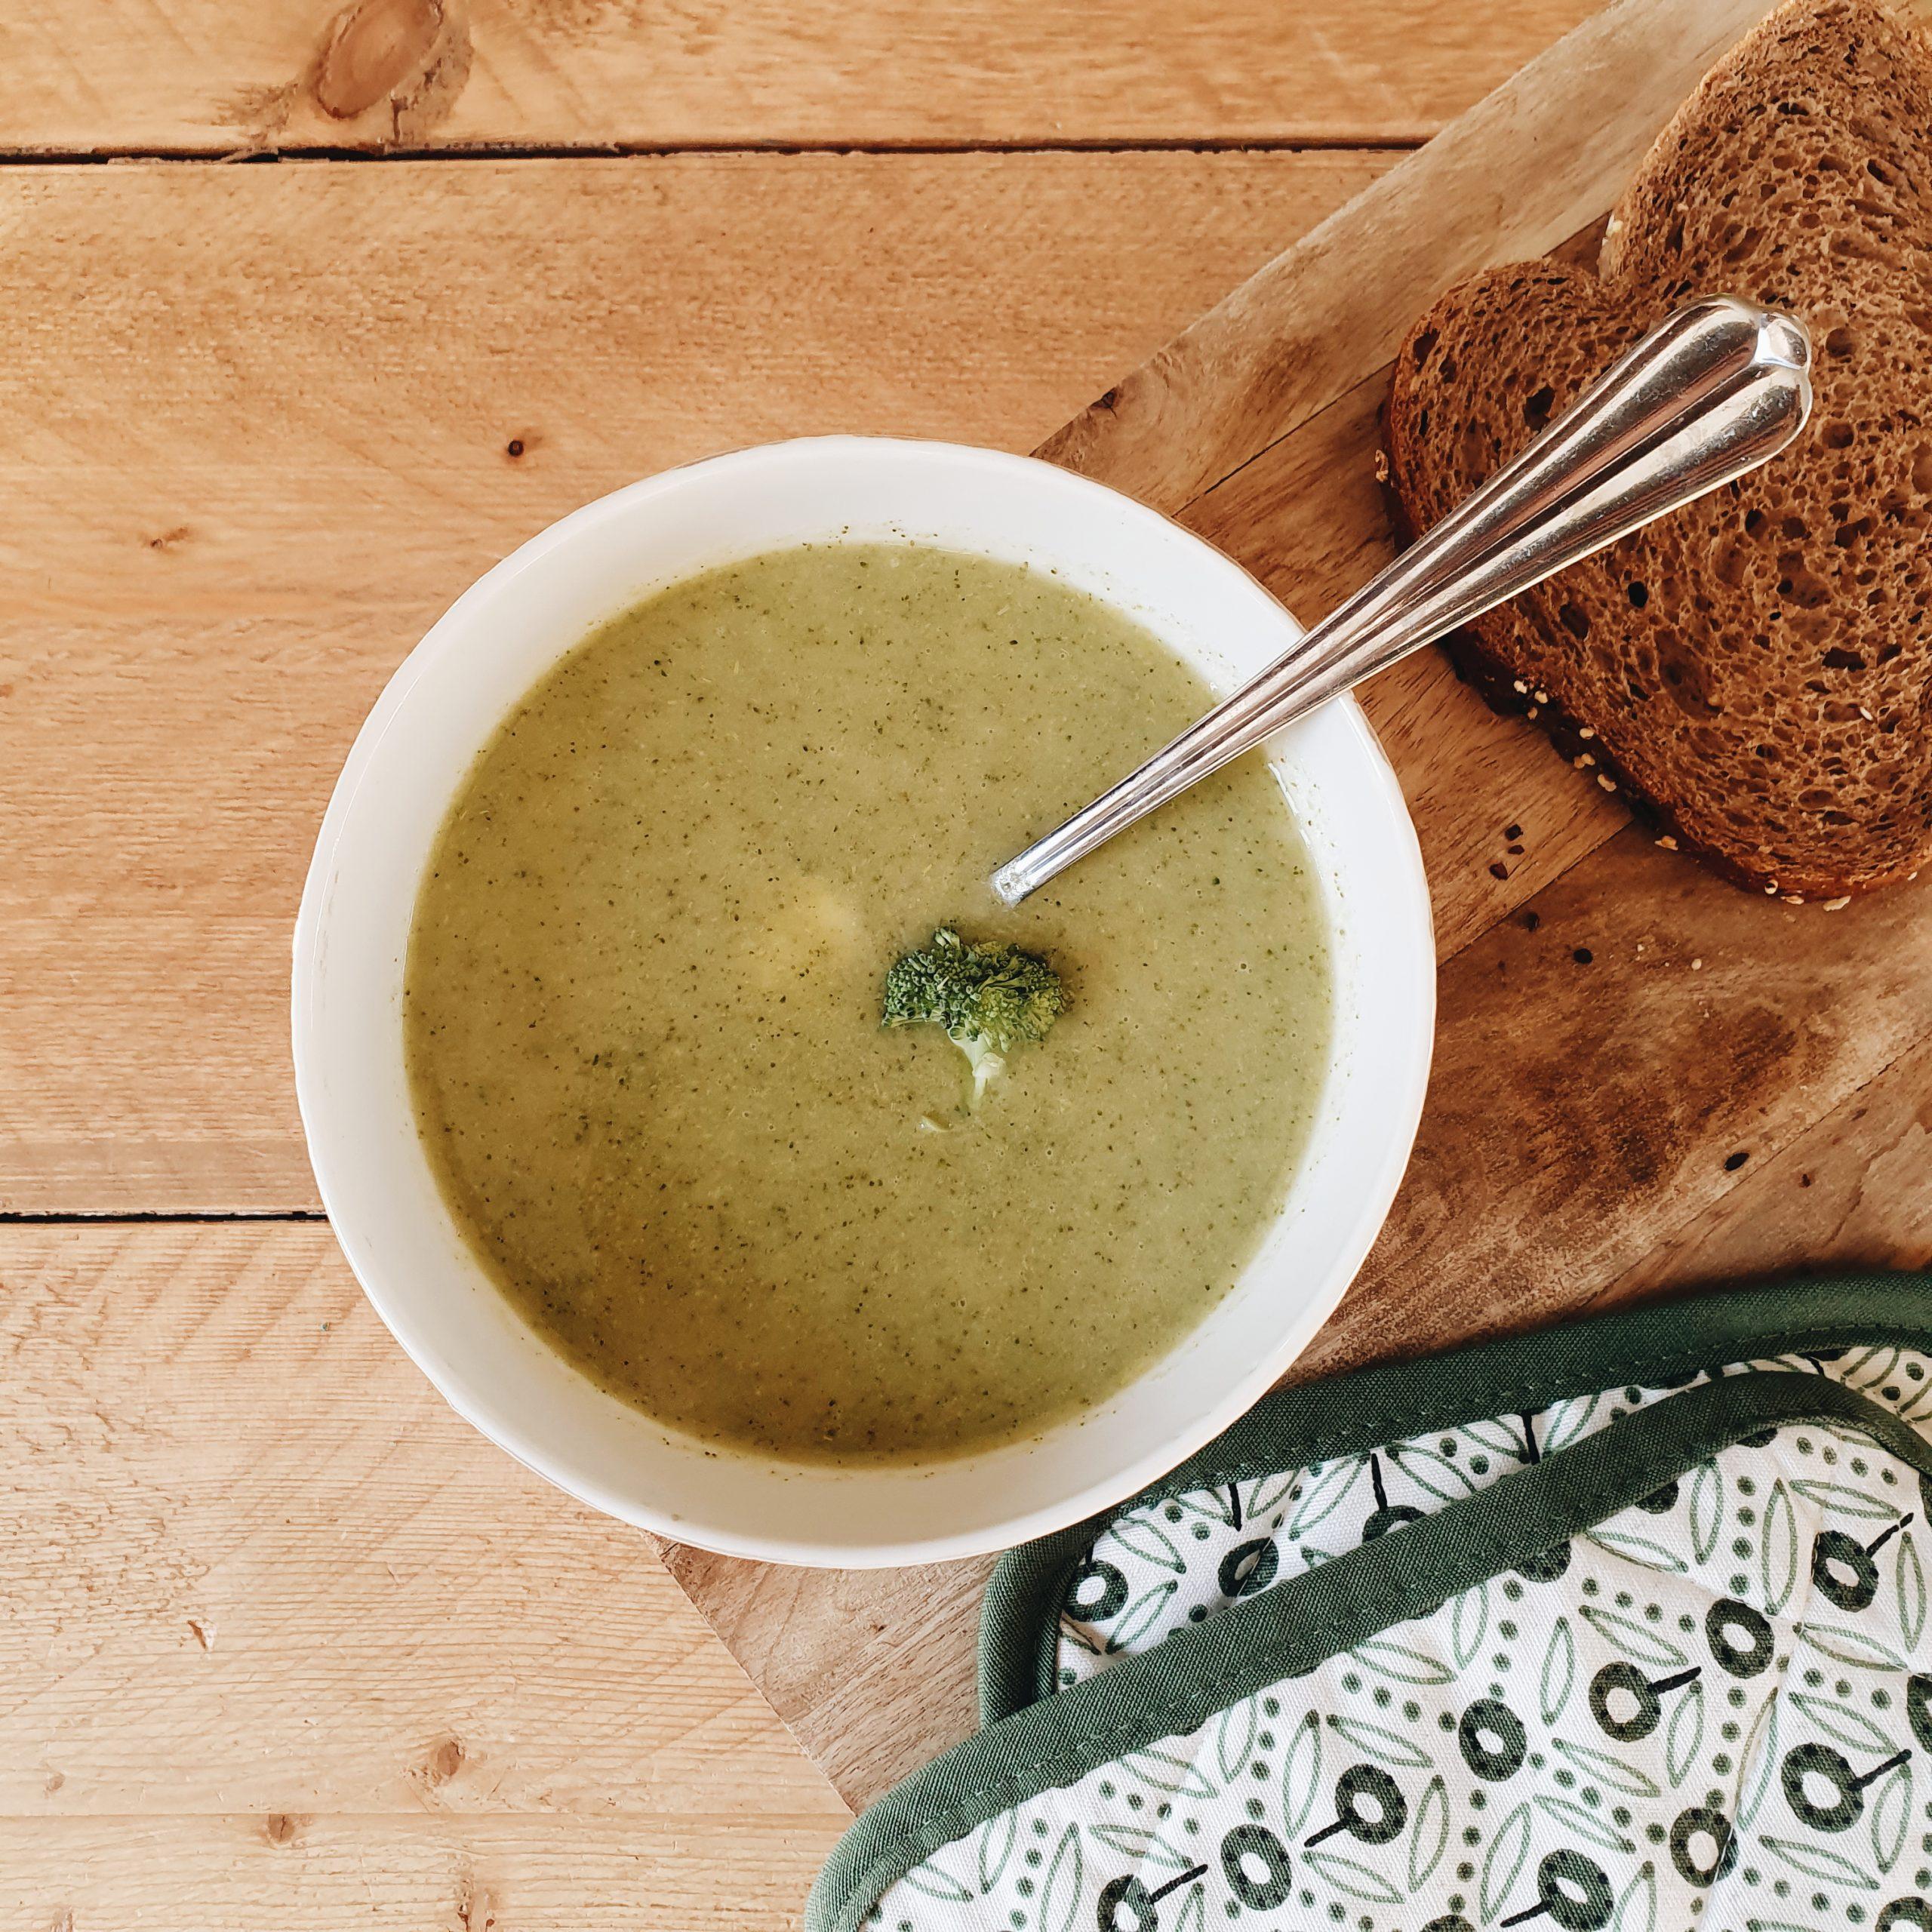 zelf broccolisoep maken dagmar valerie recept goedkoop